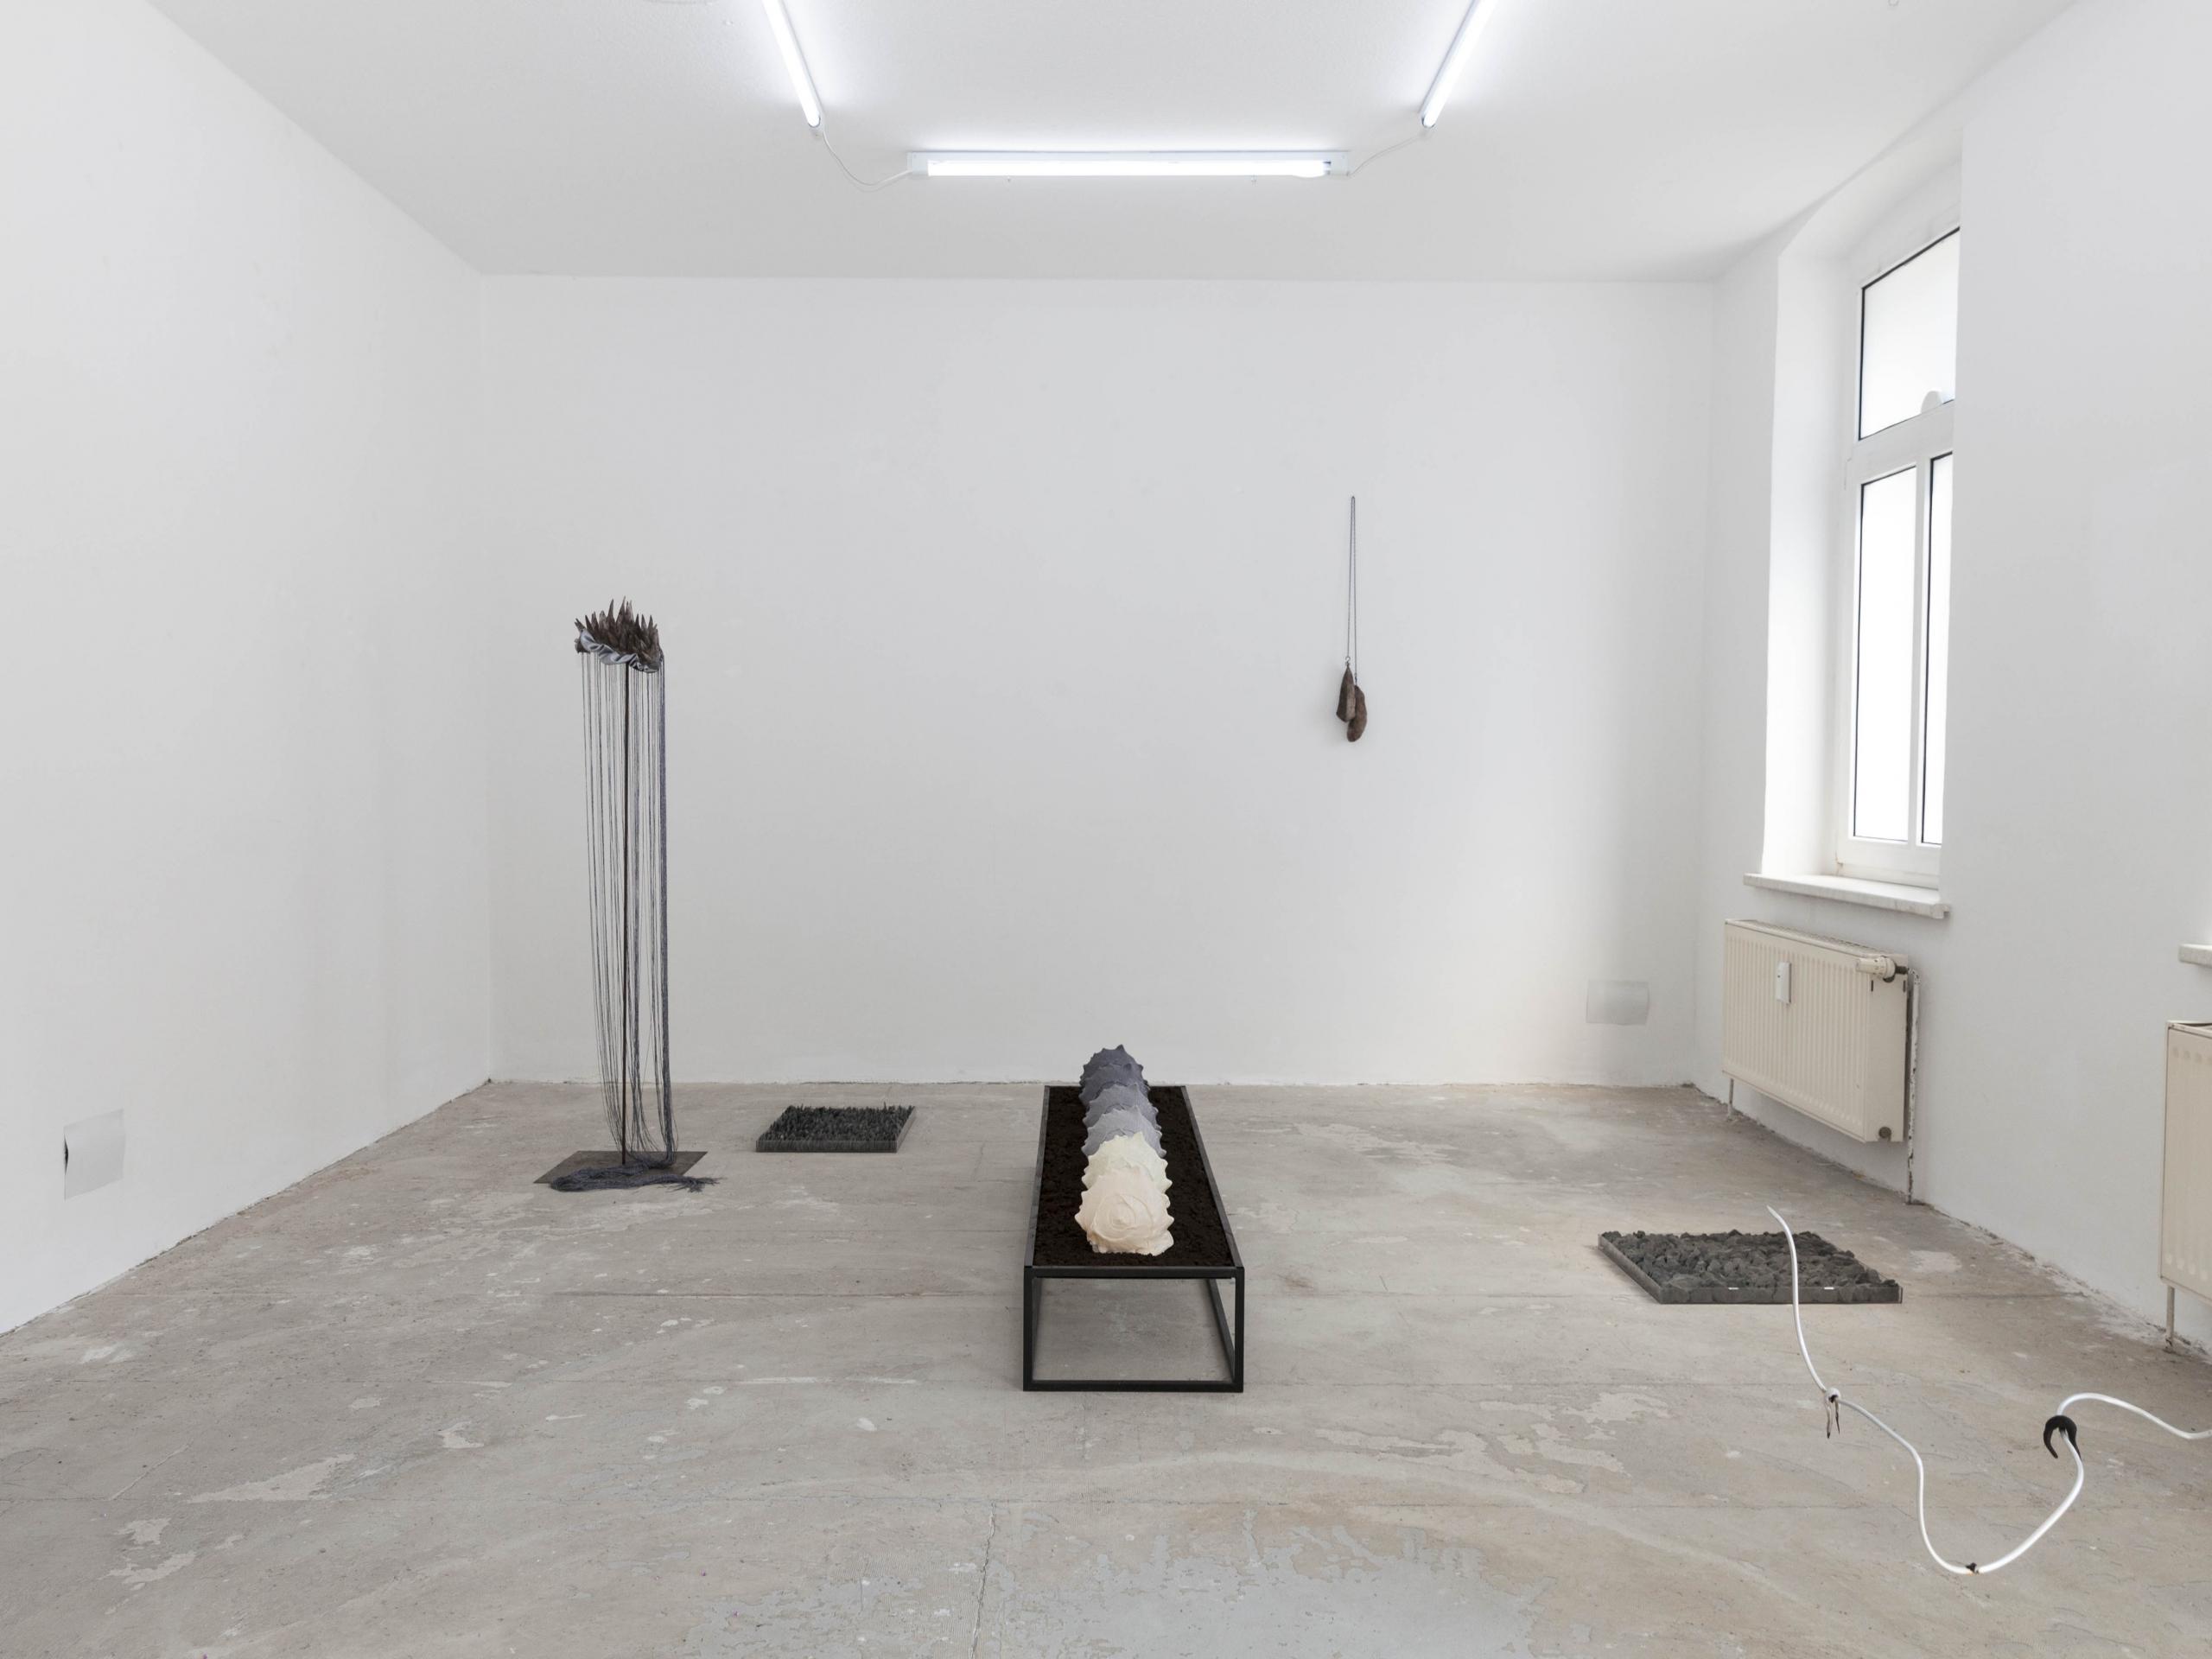 Body of Land, Ausstellungsansicht, Kunstraum VIKA Halle (Saale), 2021